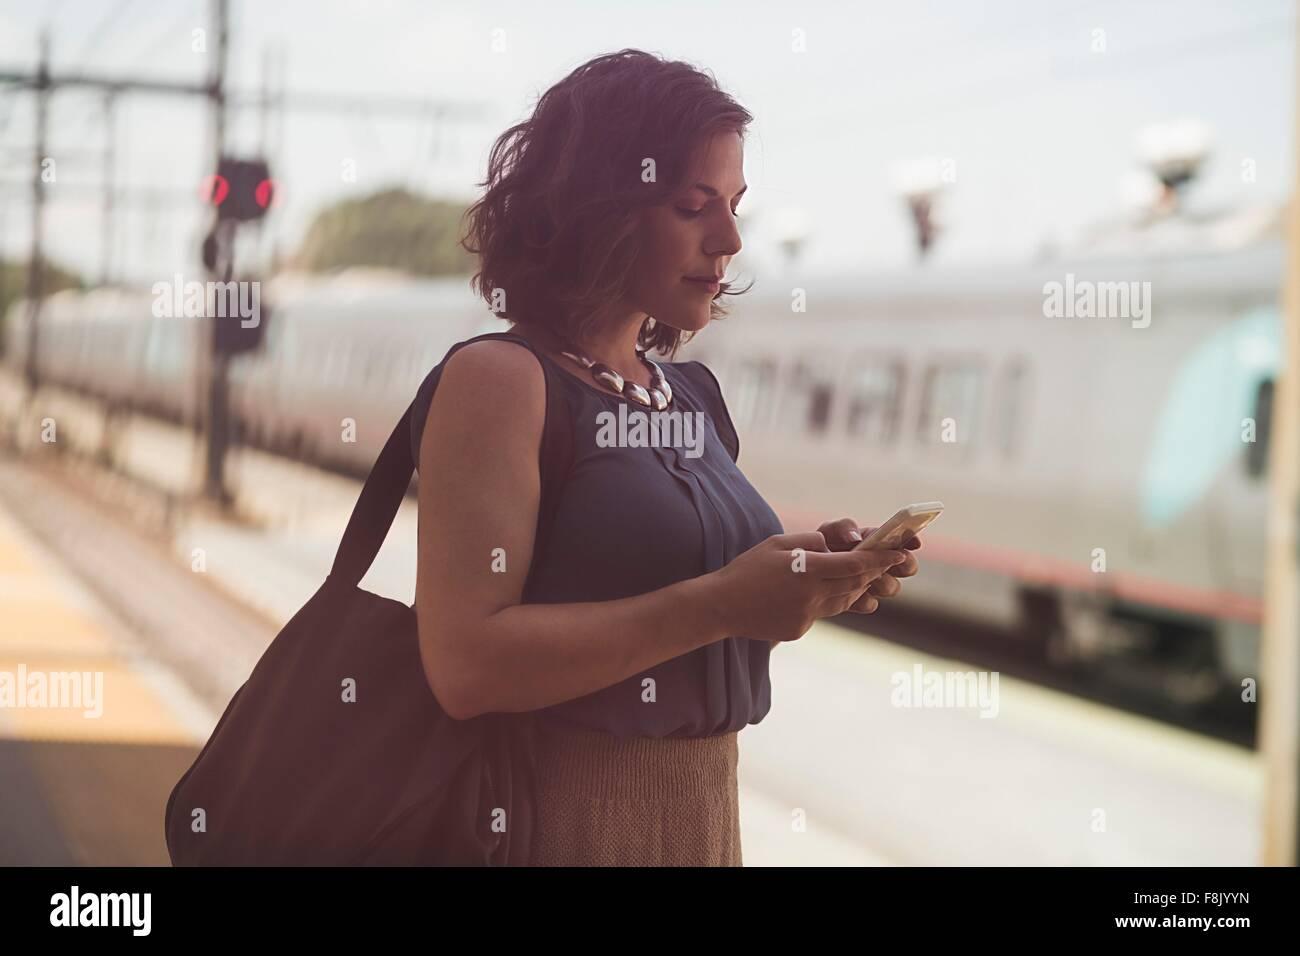 Mujer adulta media esperando en la estación de tren, sujetando el smartphone Imagen De Stock